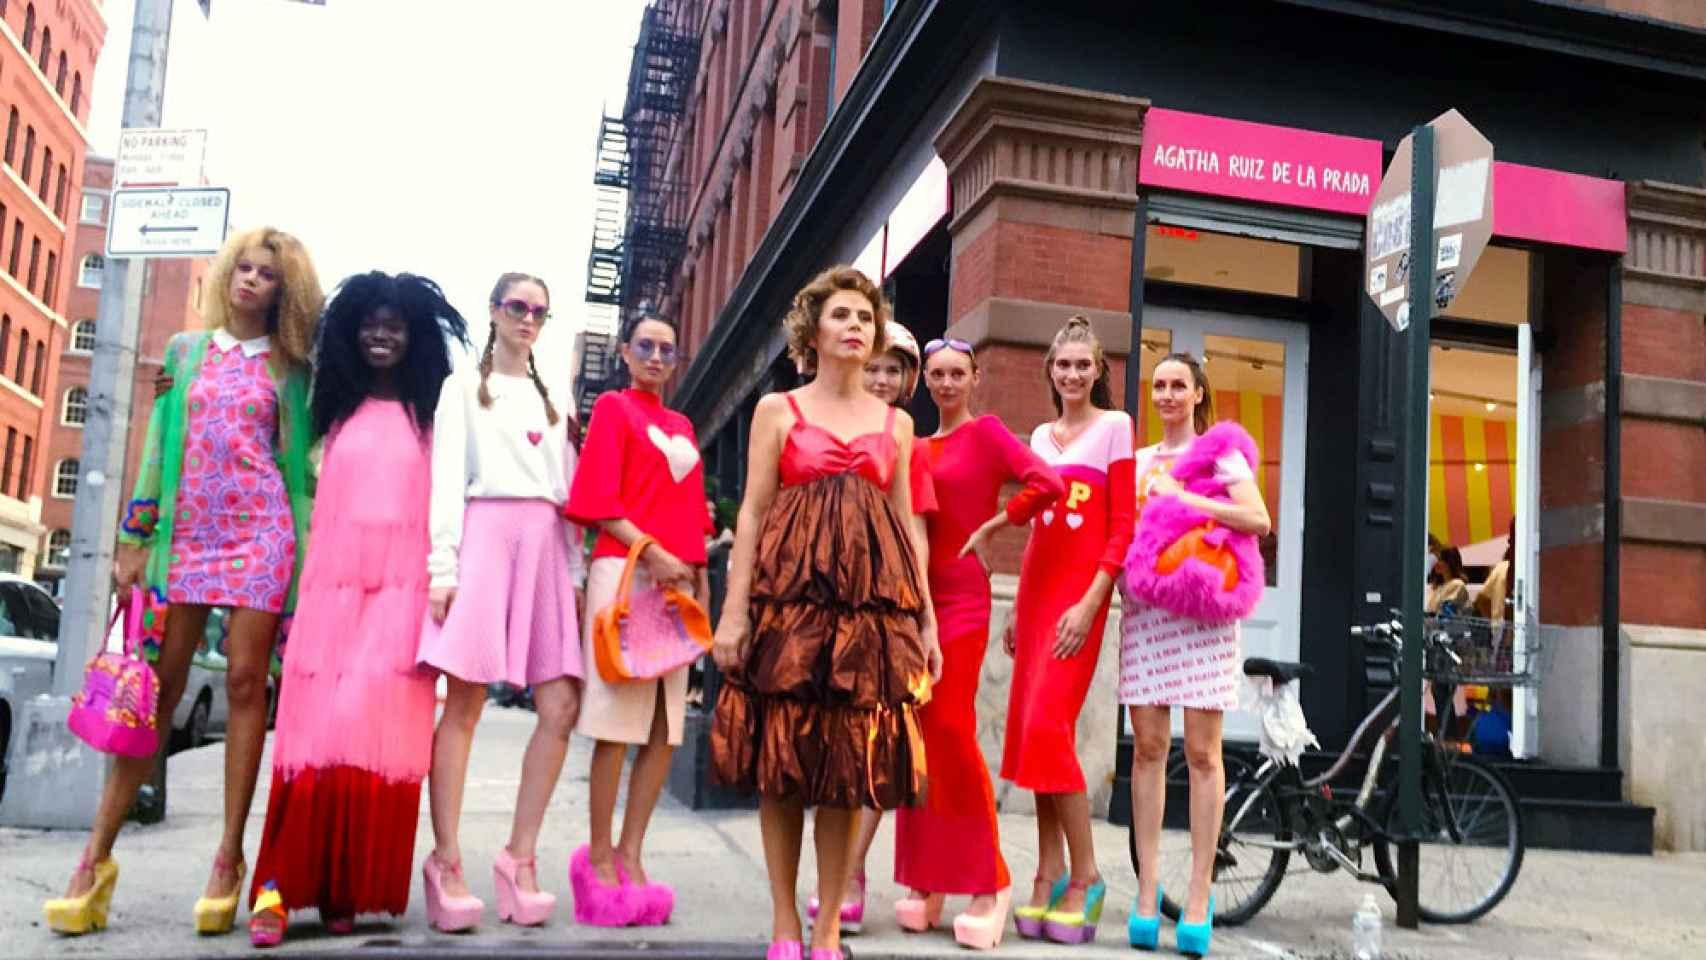 Agatha junto a las modelos en la puerta de su tienda de Nueva York